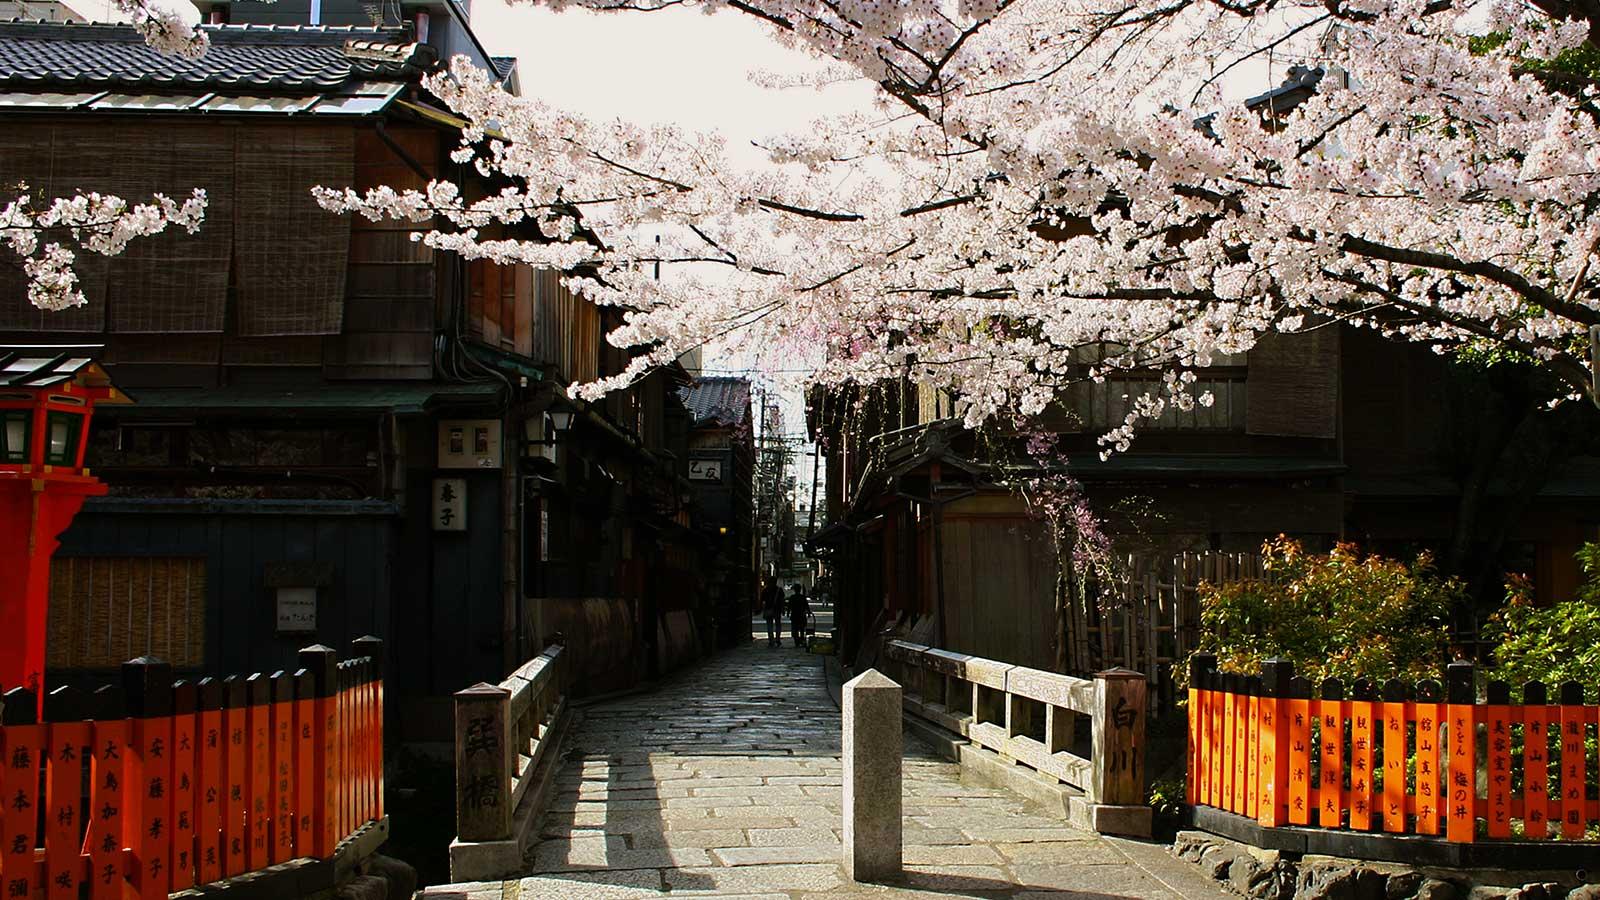 さくらの咲く頃の擬音白川:巽橋 - -京都、祇園白川- -